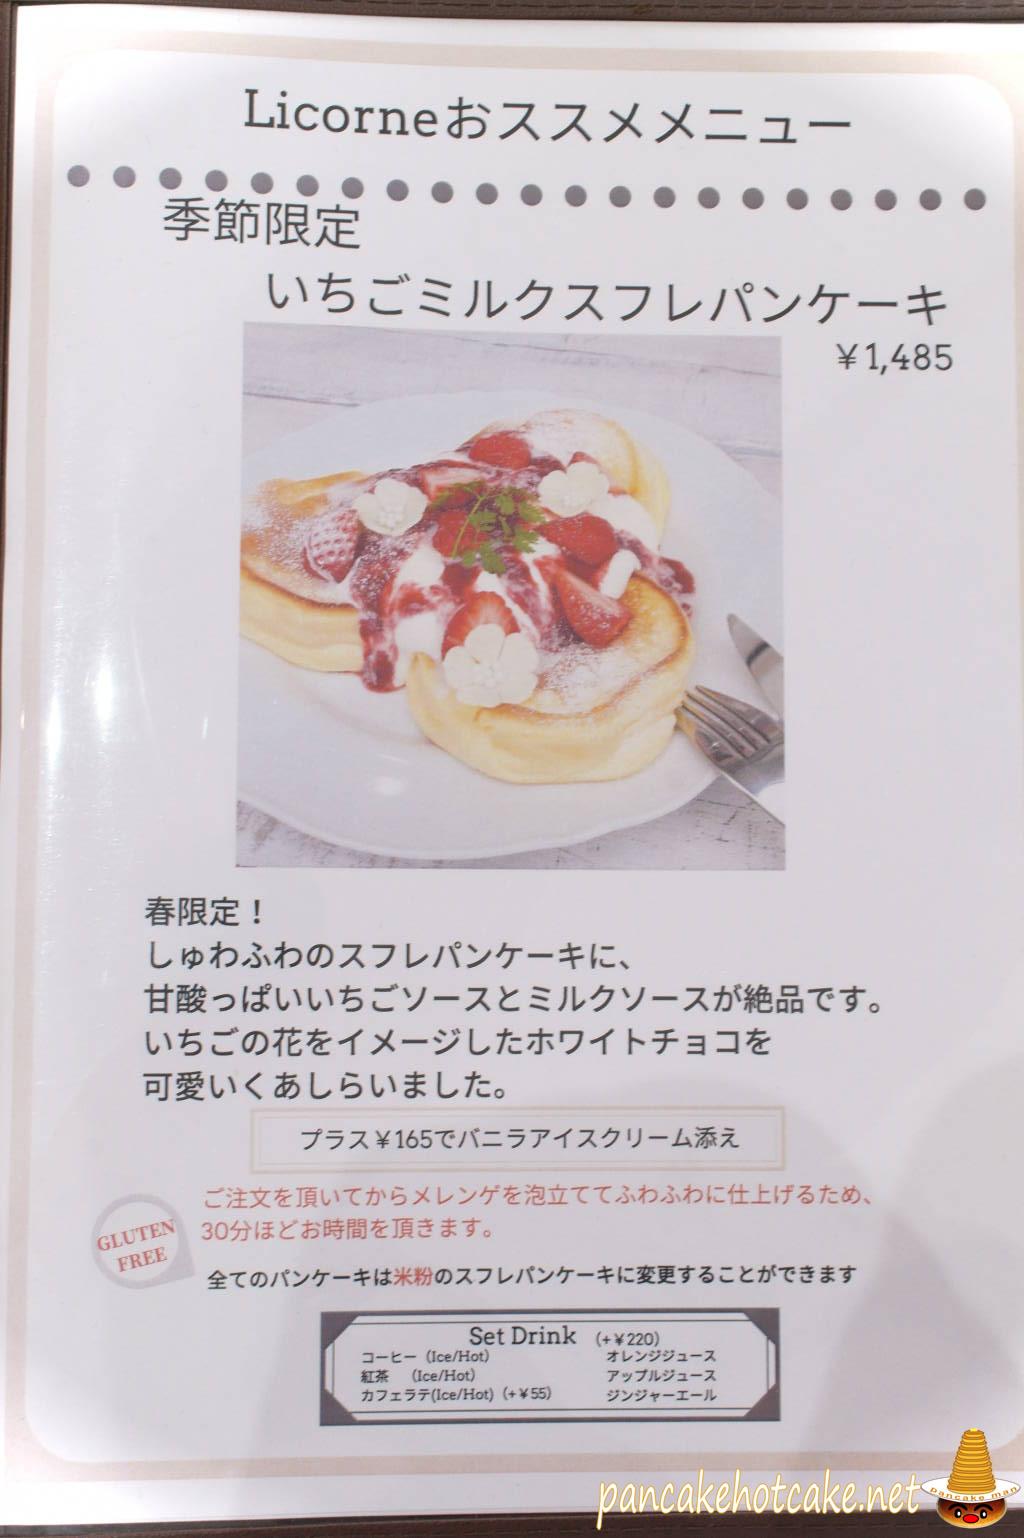 季節限定 いちごミルクスフレパンケーキ Licorne芦屋本店(リコルヌ)旧店名cuicui(キュイキュイ)